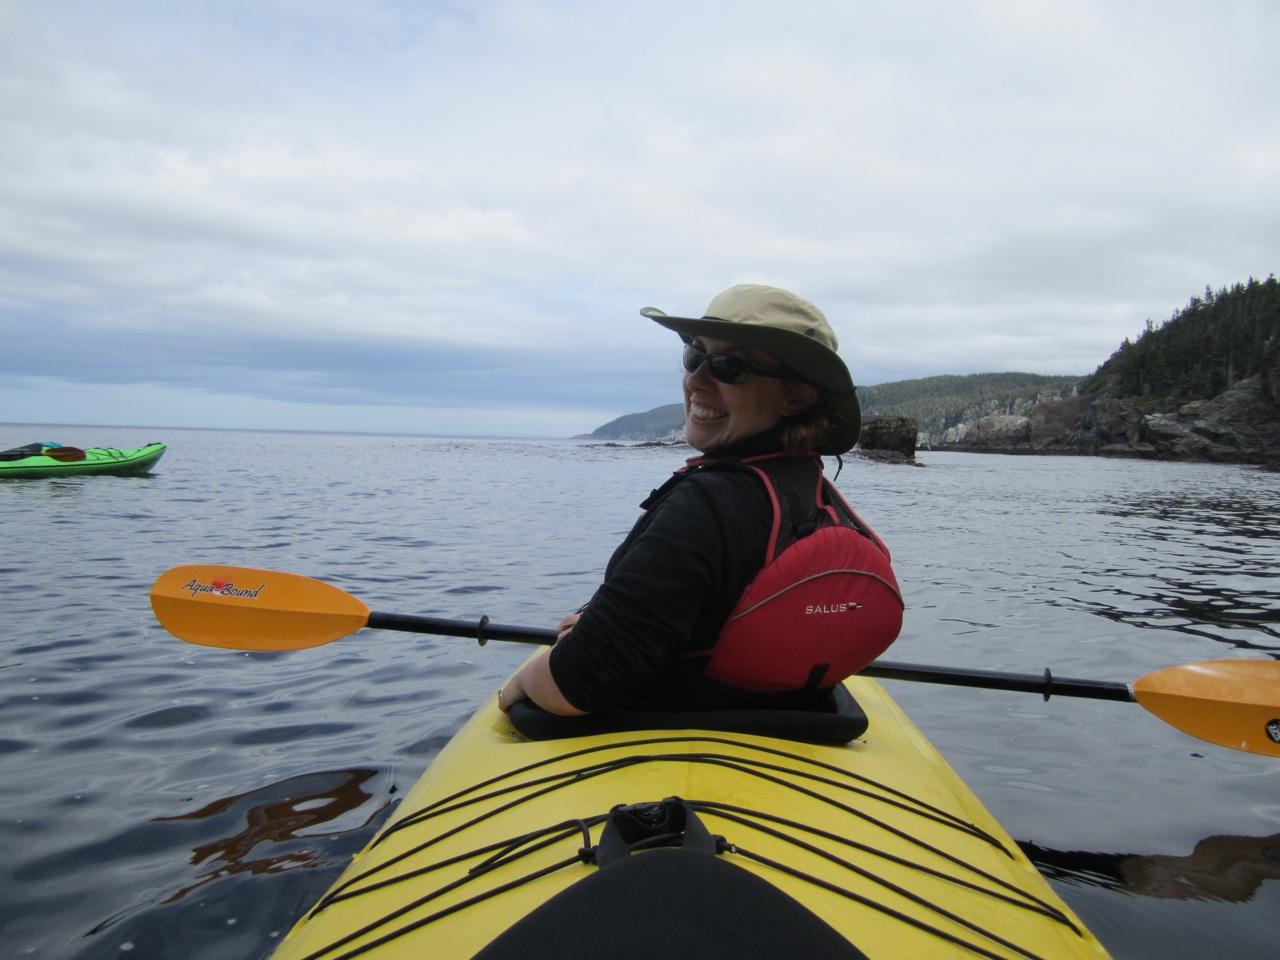 Brenda In Front Of Kayak